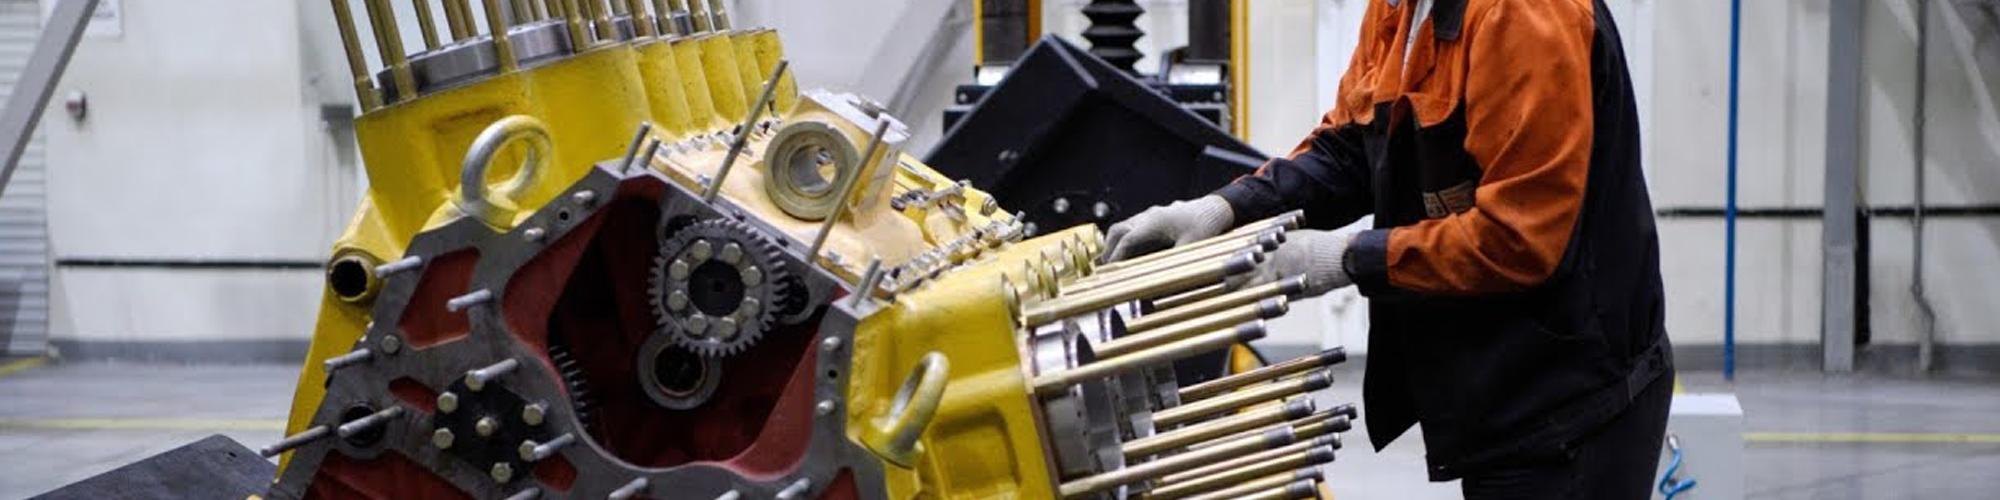 Diesel Repair and Service